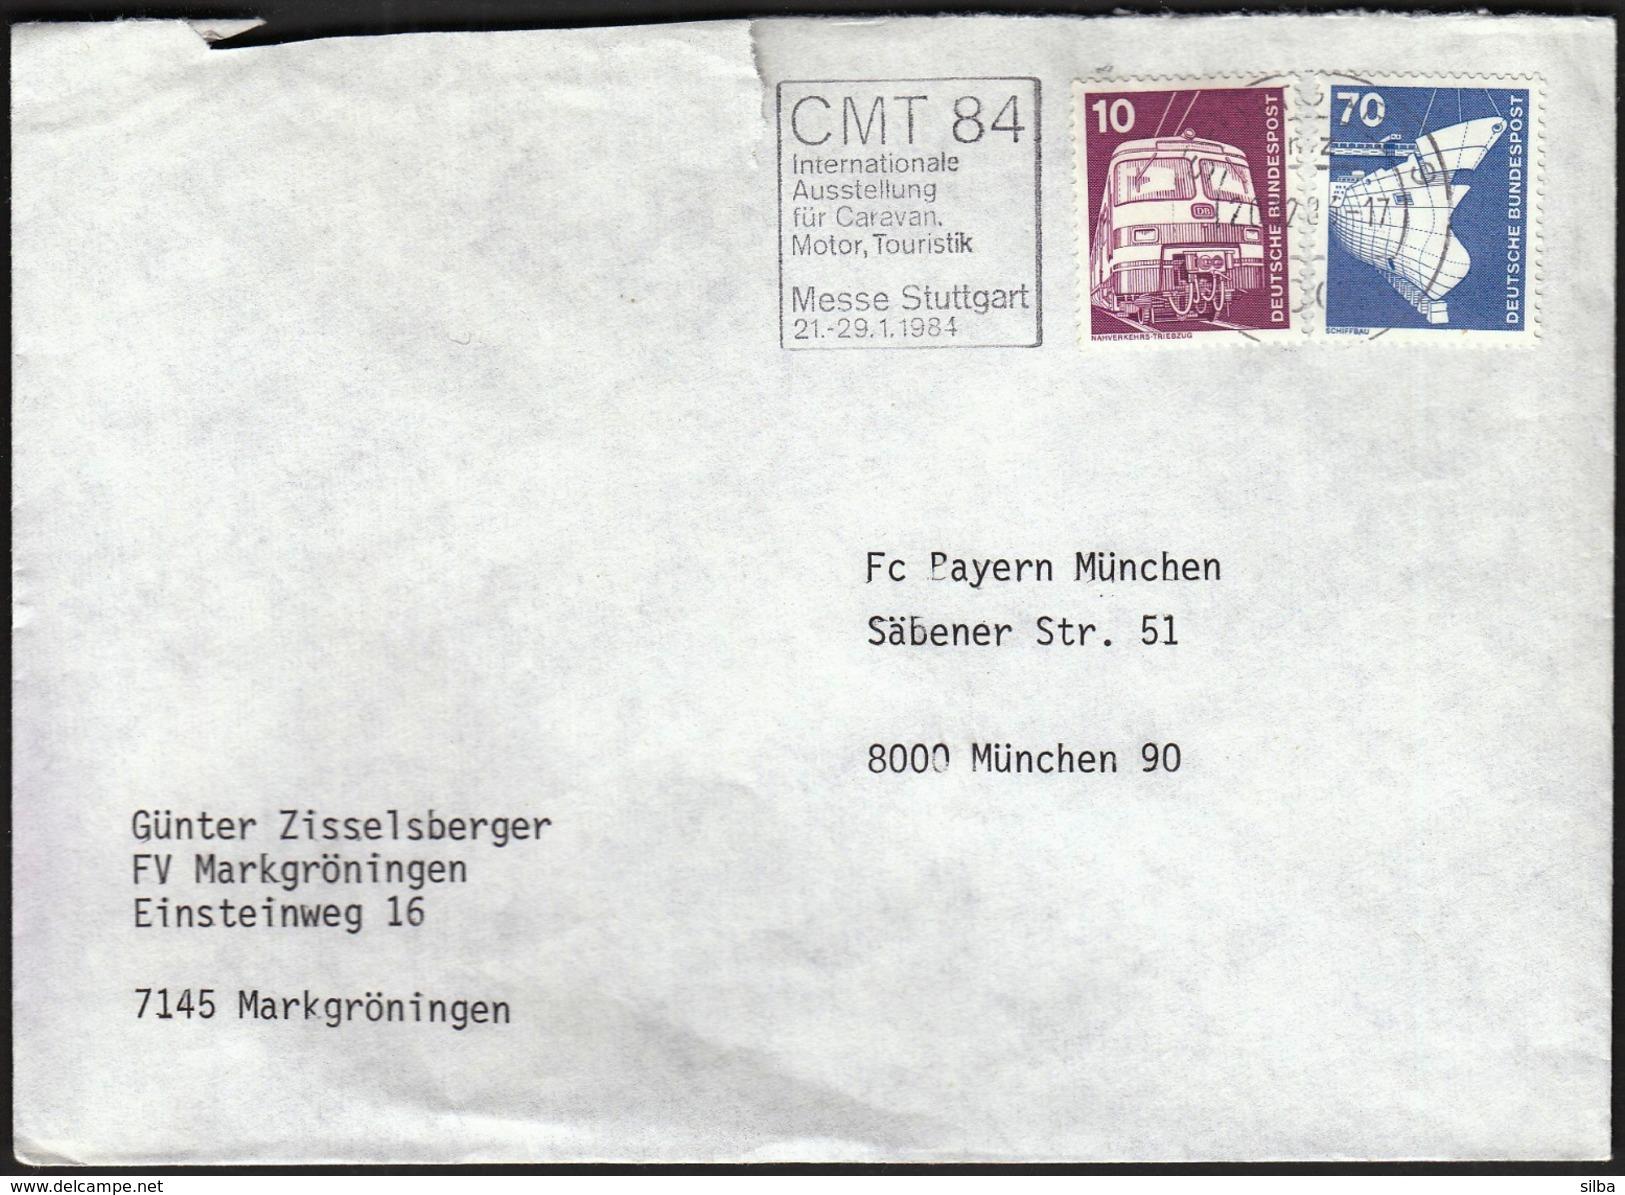 Germany Stuttgart 1984 / Tourism / CMT 84 / Internationale Austellung Für Caravan, Motor, Touristik / Machine Stamp - Holidays & Tourism